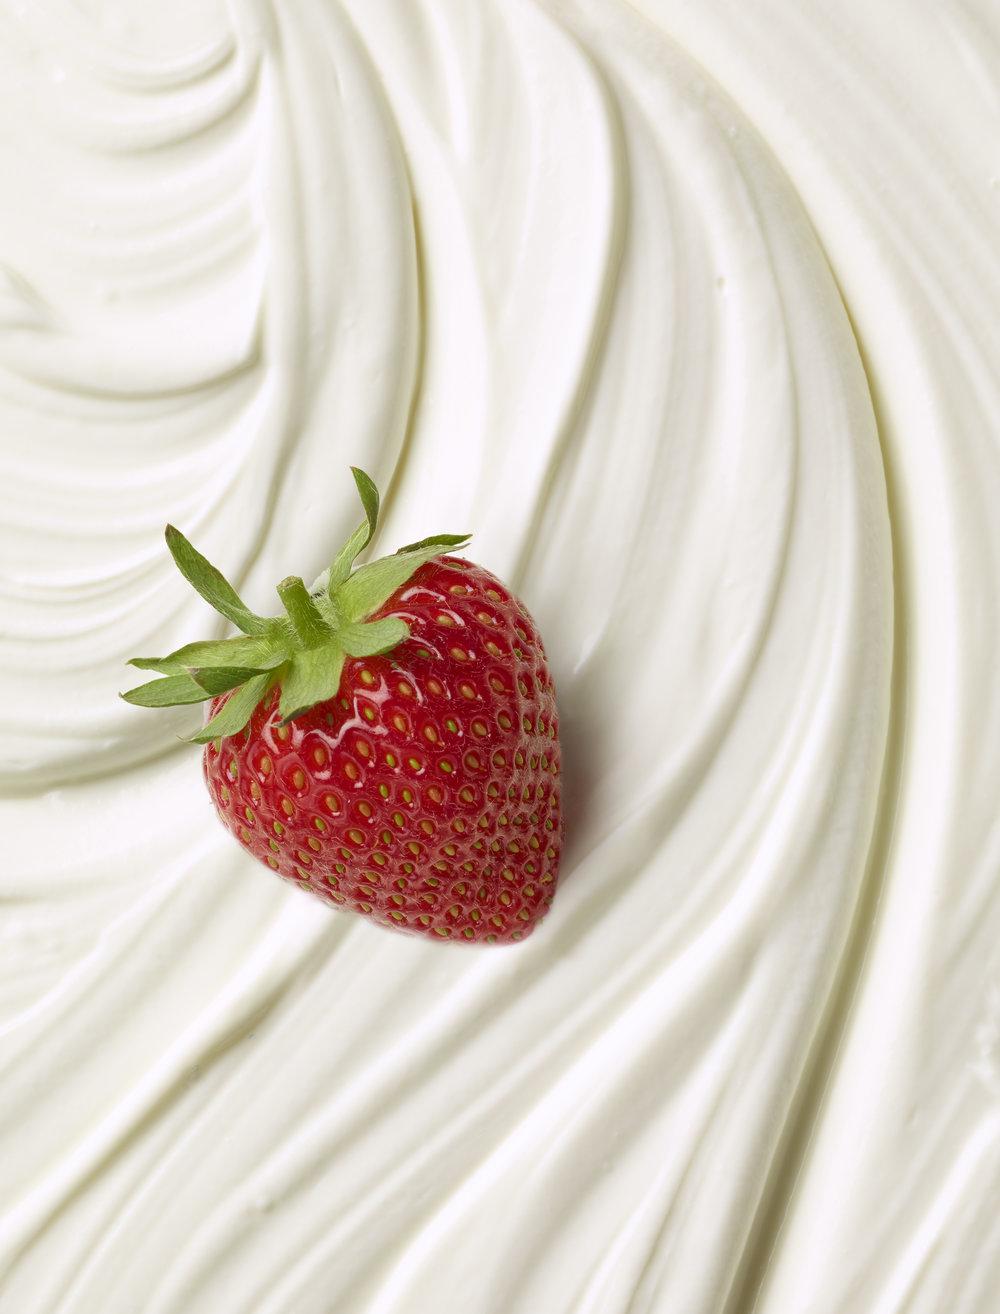 Yoghurt_200716_0224.jpg